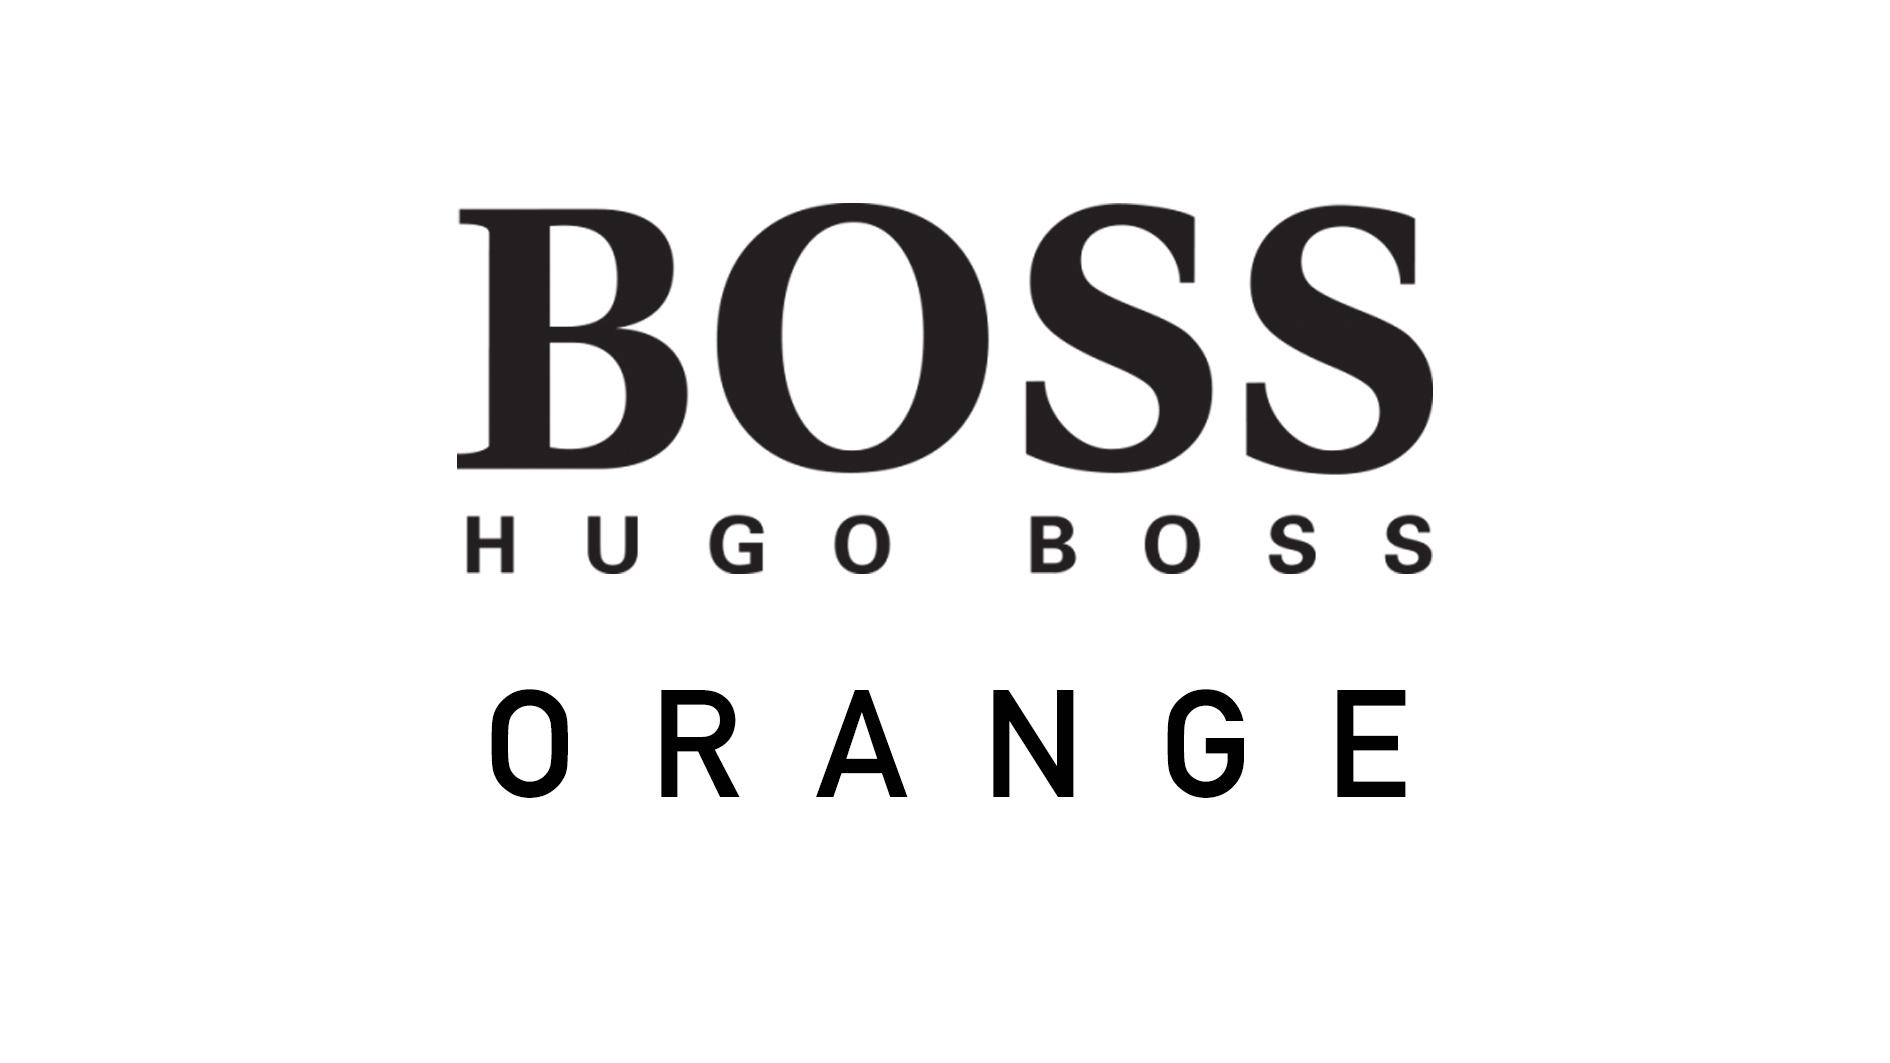 hugo-boss orange.jpg